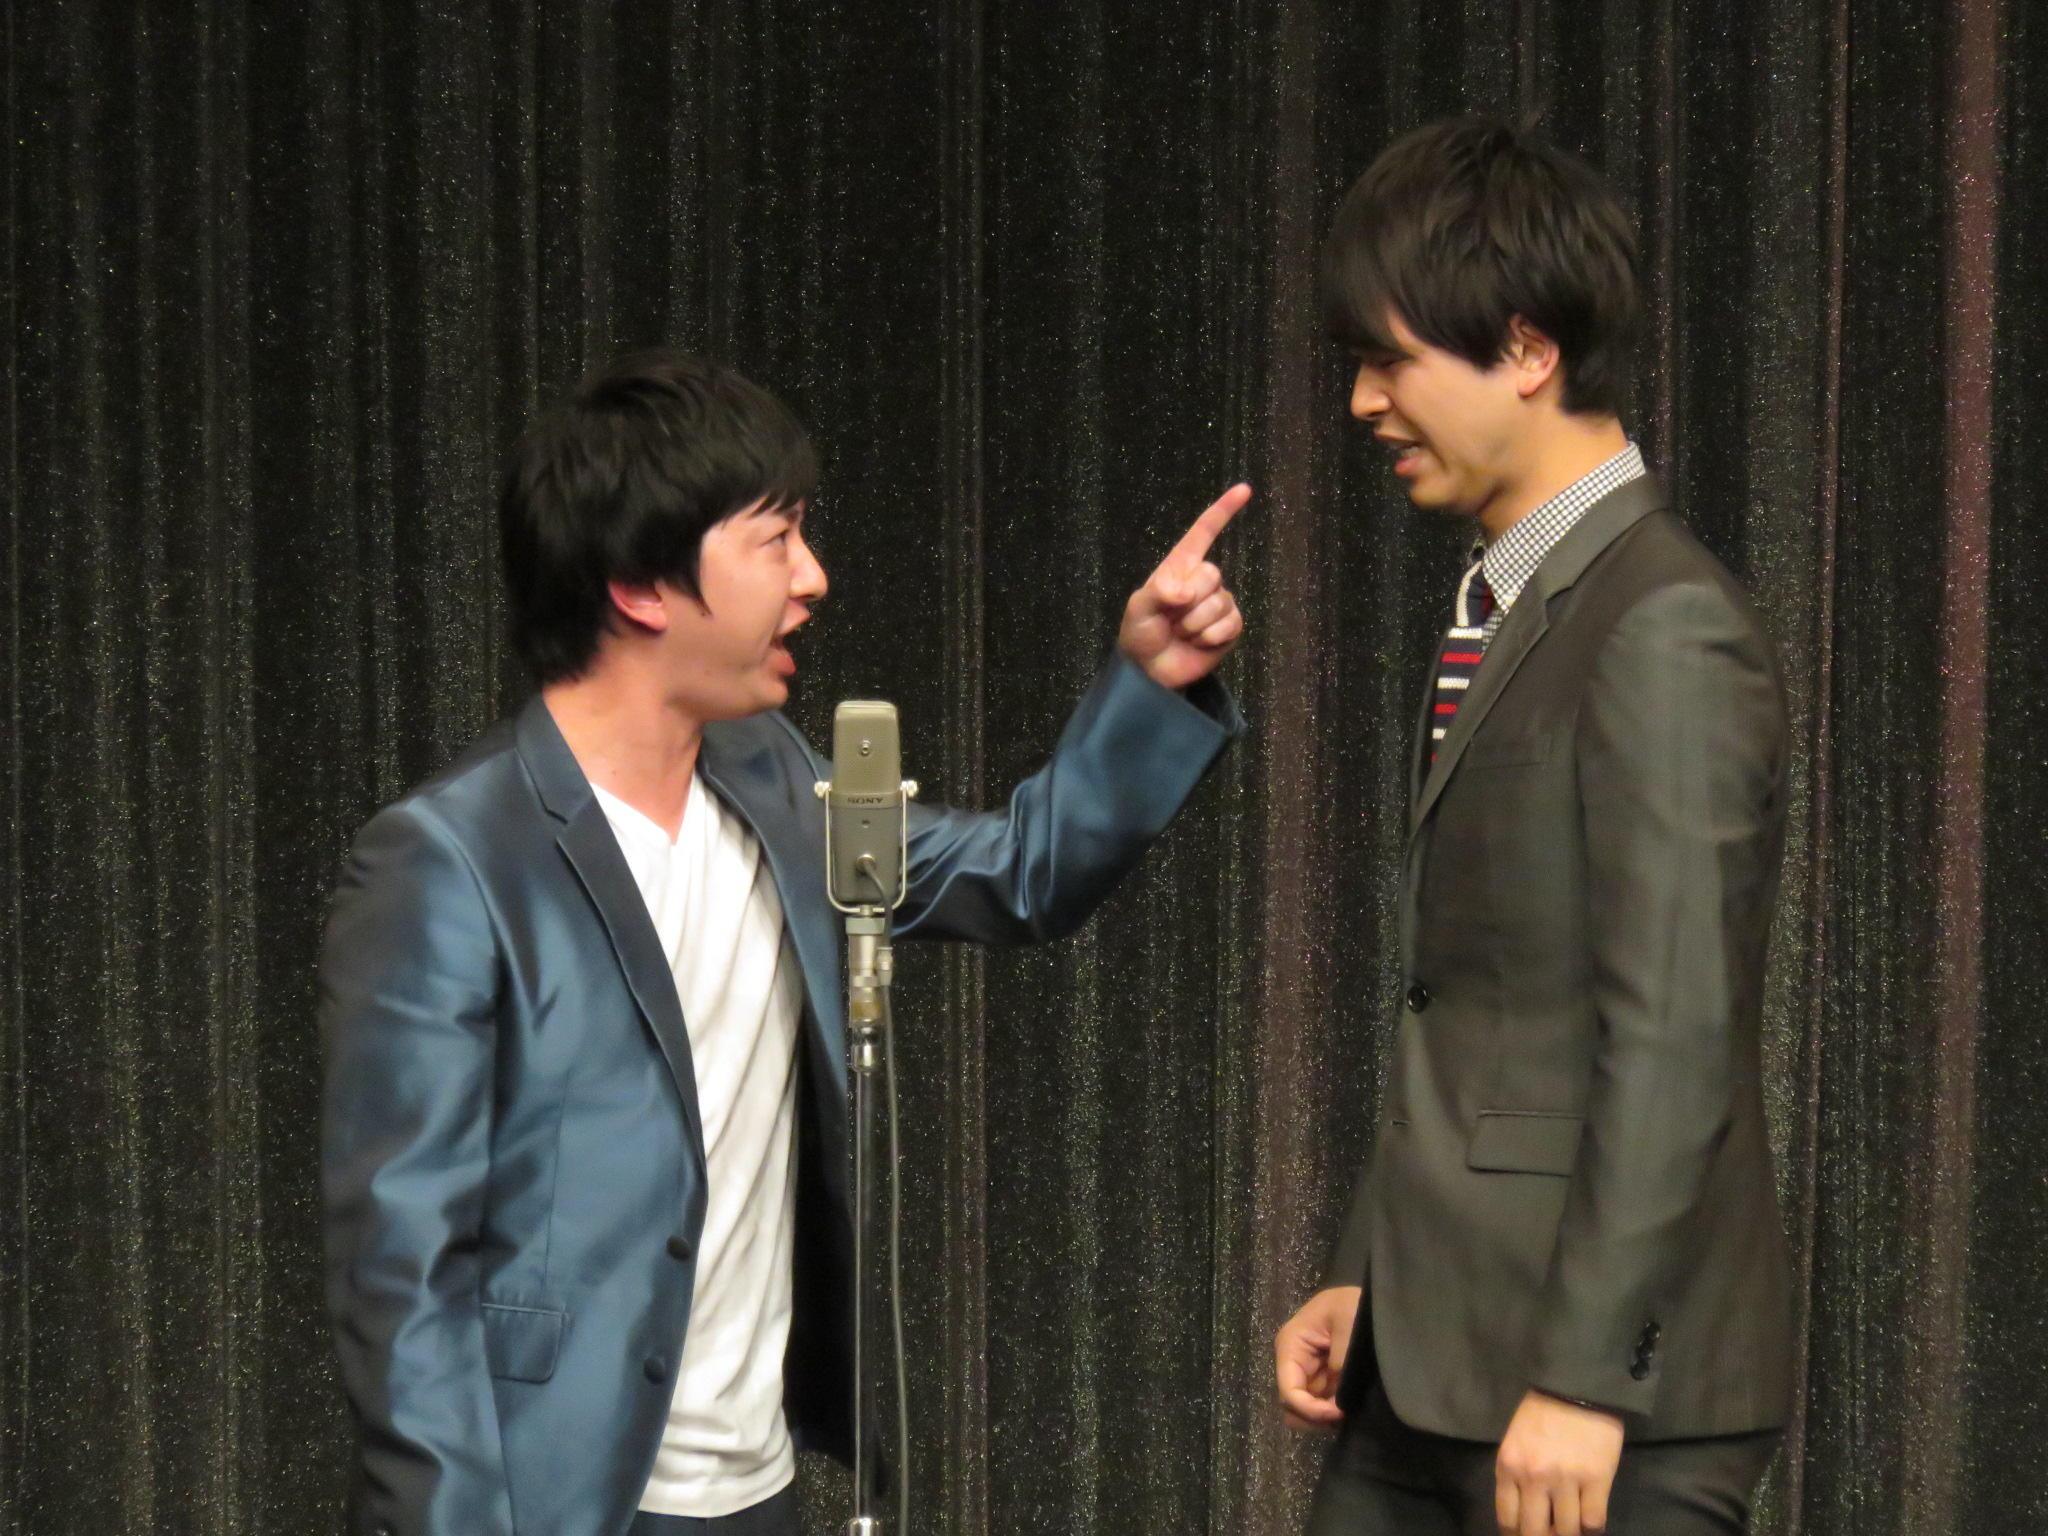 http://news.yoshimoto.co.jp/20151230165416-f508c7850fbb46e28acd32690f2d7970680b3d24.jpg